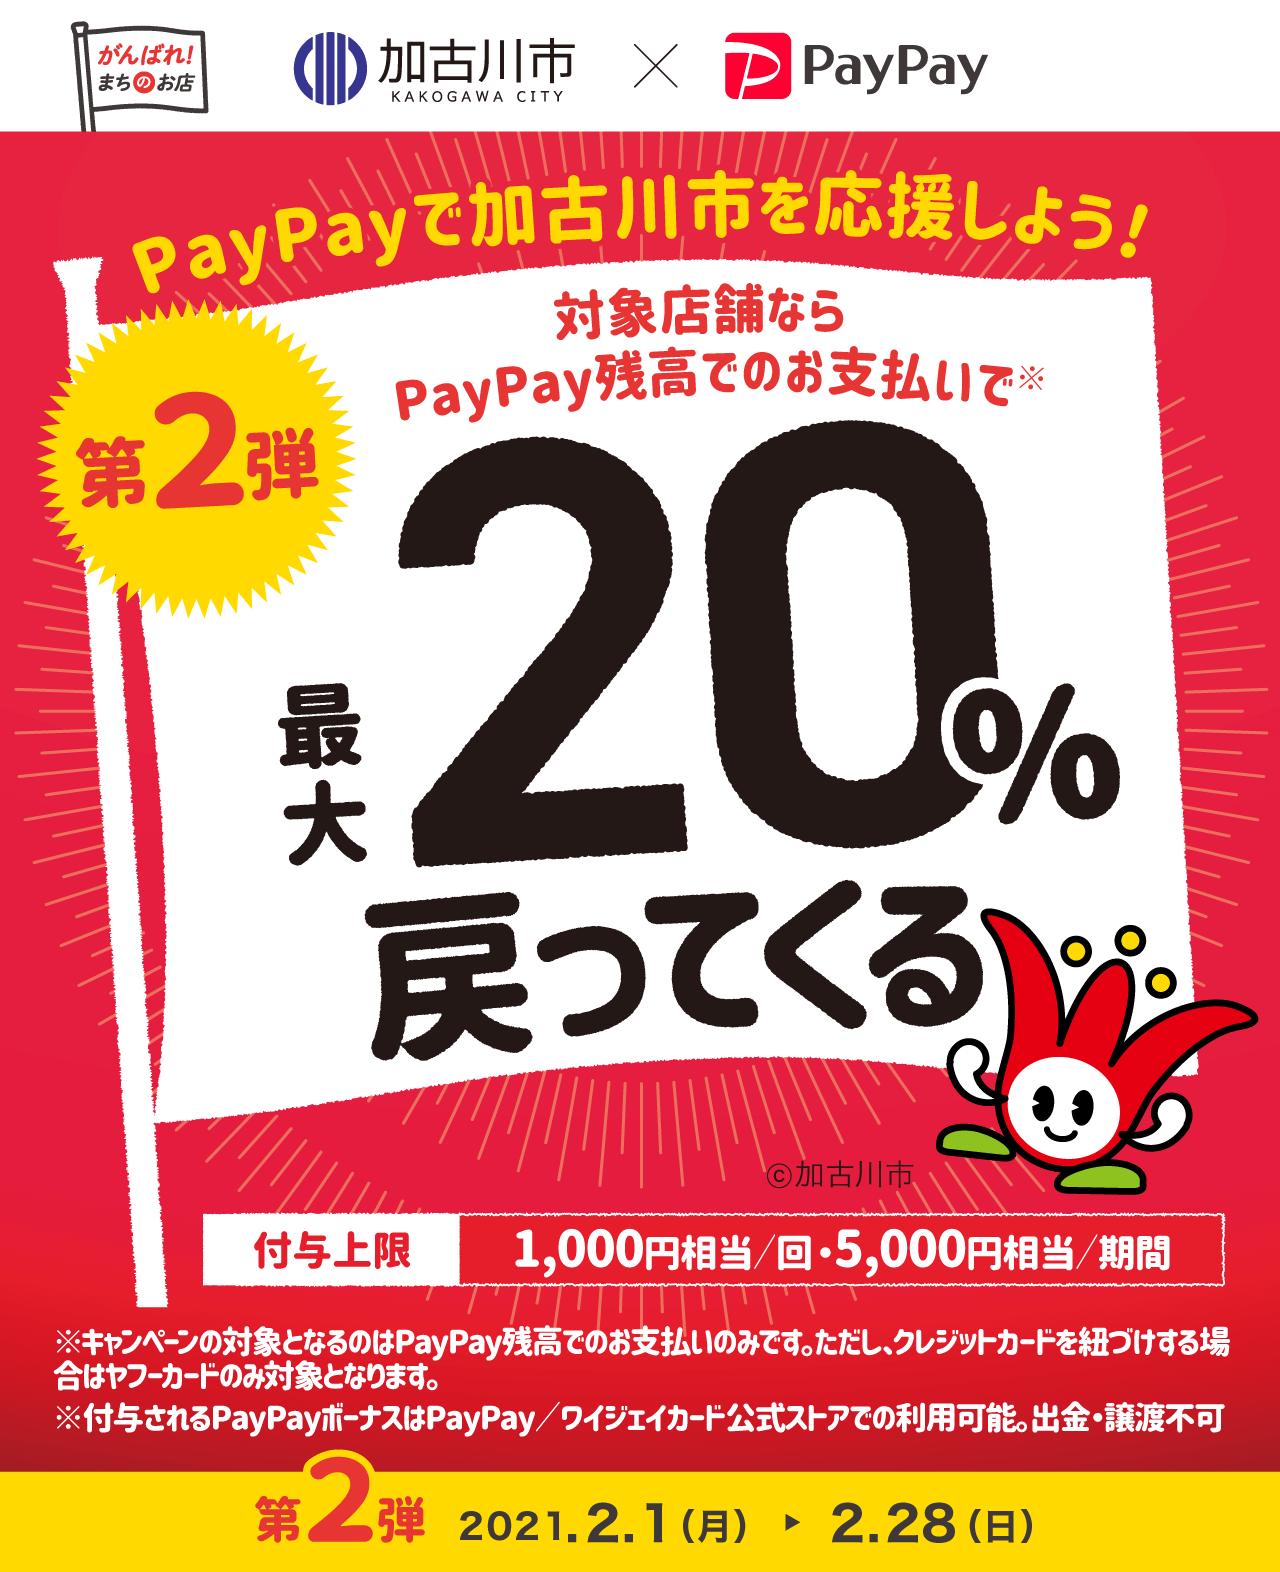 PayPayで加古川市を応援しよう! 第2弾 対象店舗ならPayPay残高でのお支払いで 最大20%戻ってくる